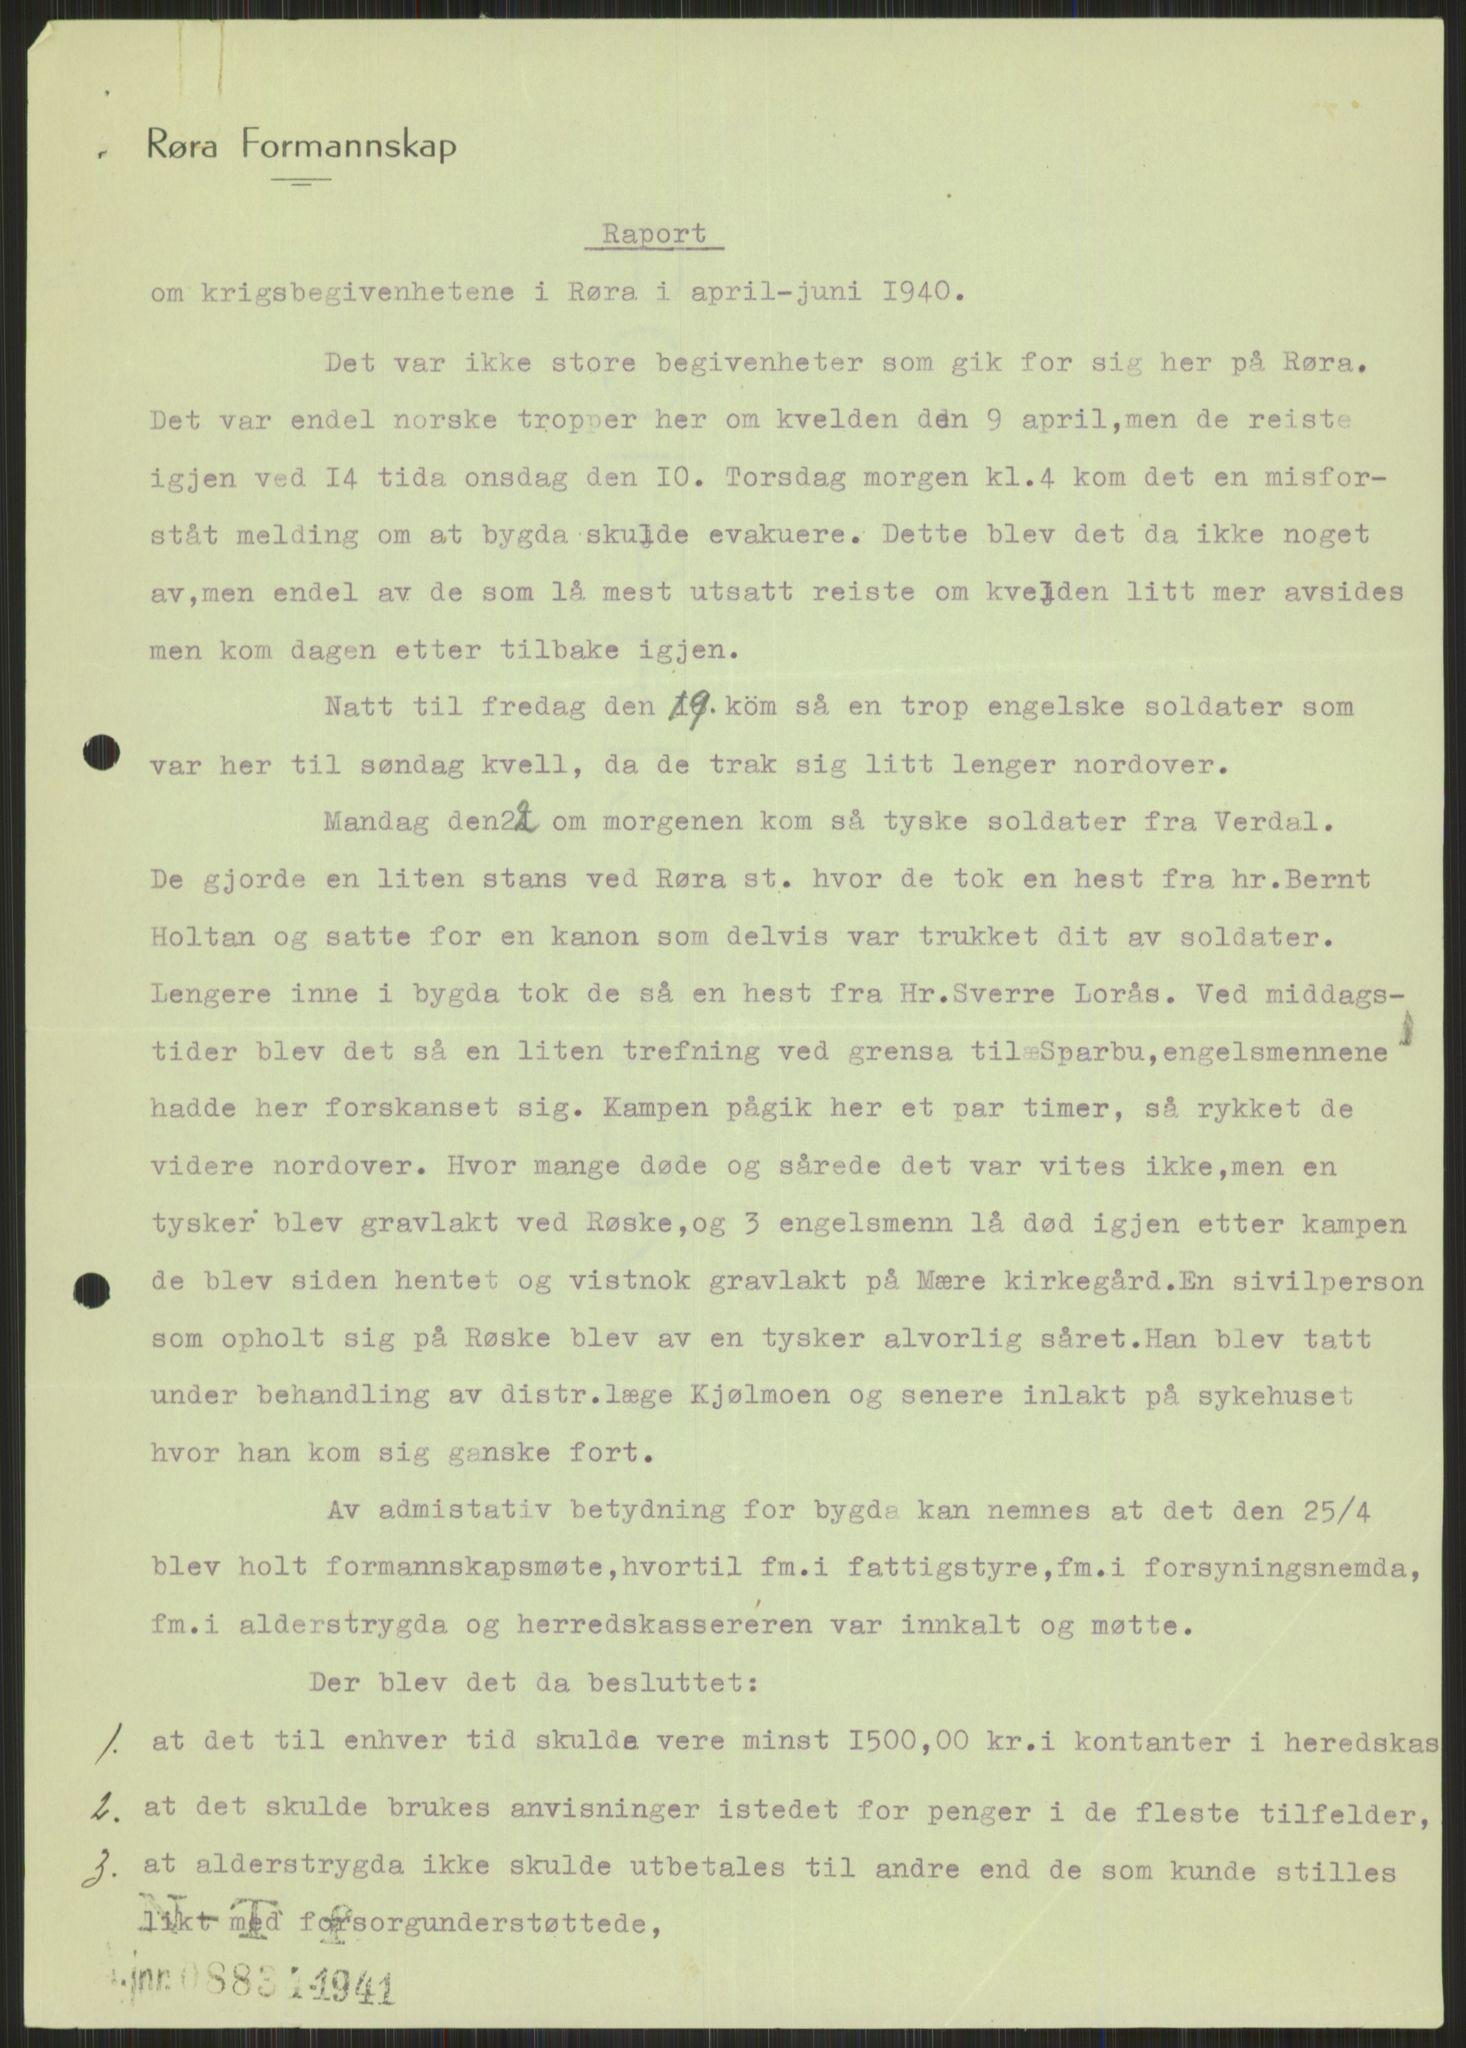 RA, Forsvaret, Forsvarets krigshistoriske avdeling, Y/Ya/L0016: II-C-11-31 - Fylkesmenn.  Rapporter om krigsbegivenhetene 1940., 1940, s. 554